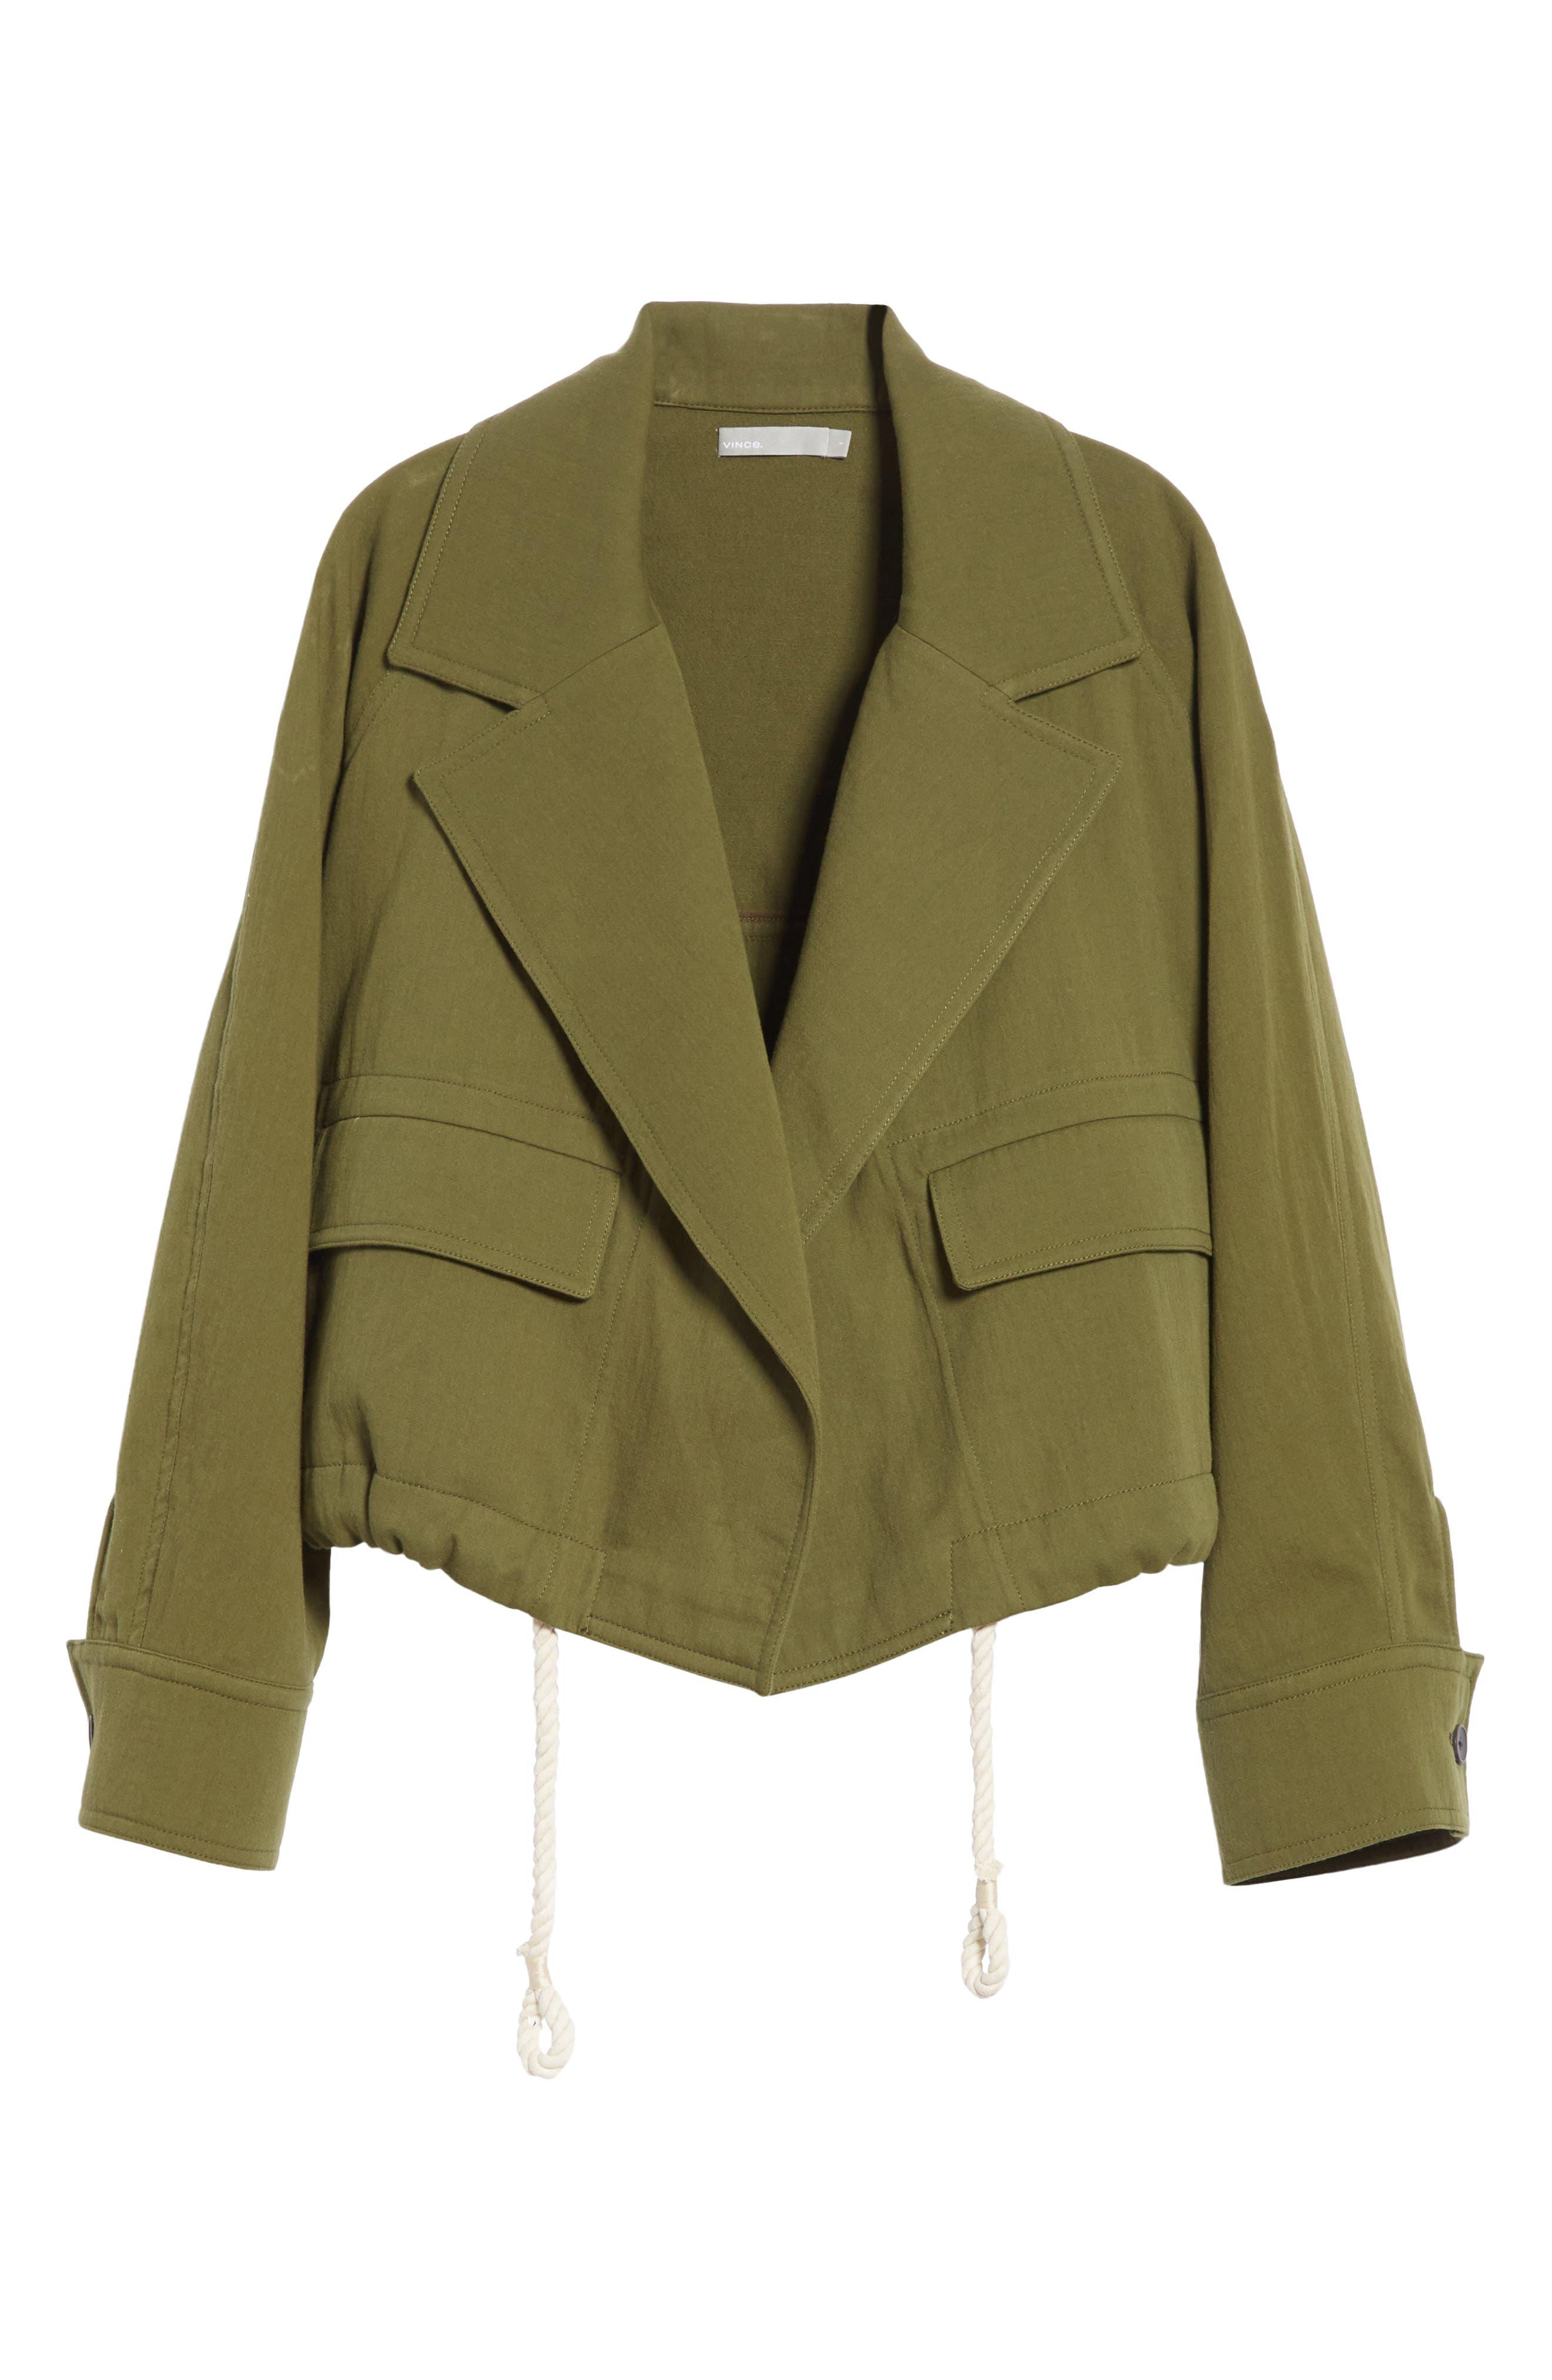 VINCE,                             Drawstring Crop Cotton Jacket,                             Alternate thumbnail 5, color,                             315